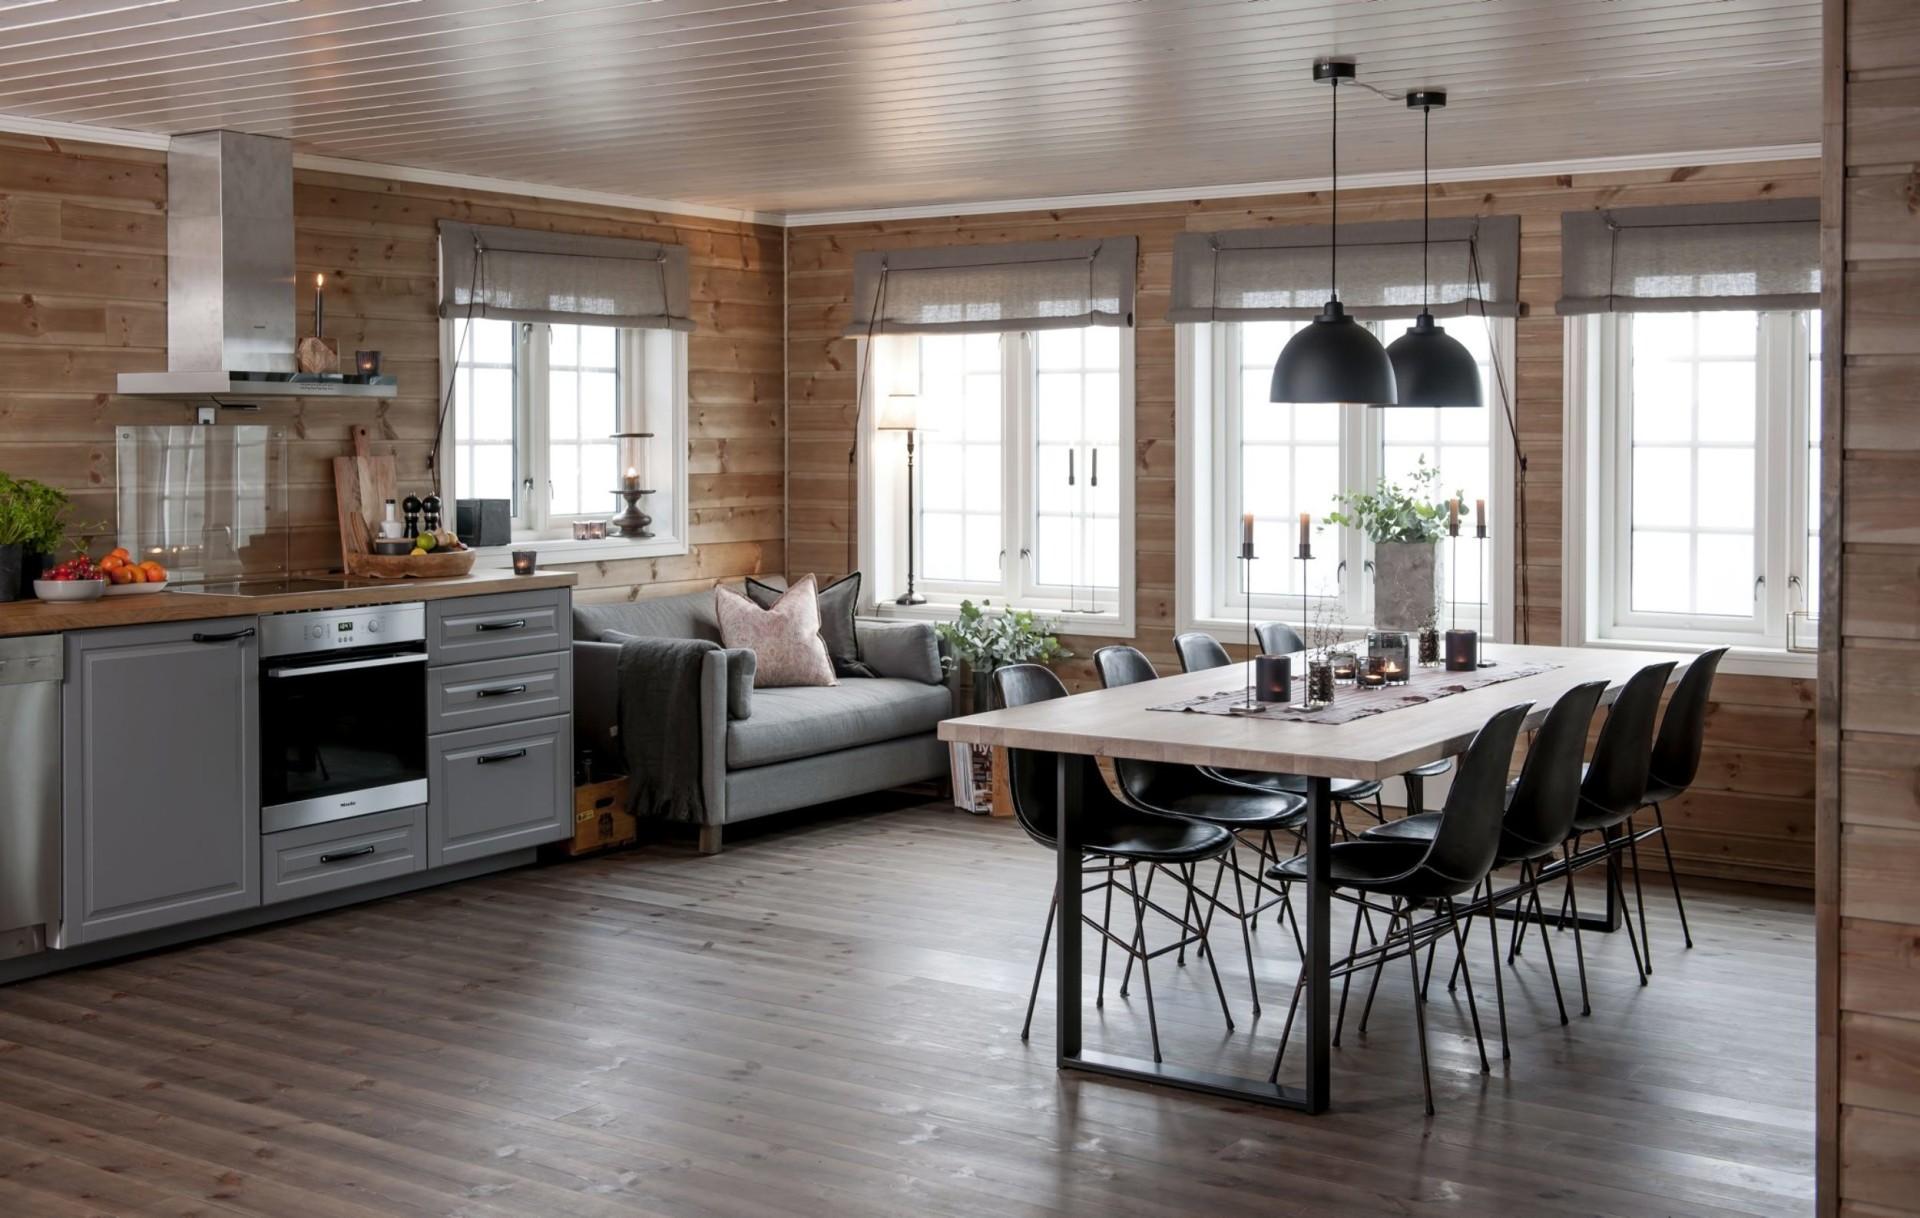 гостиная кухня стол стулья лампы окна